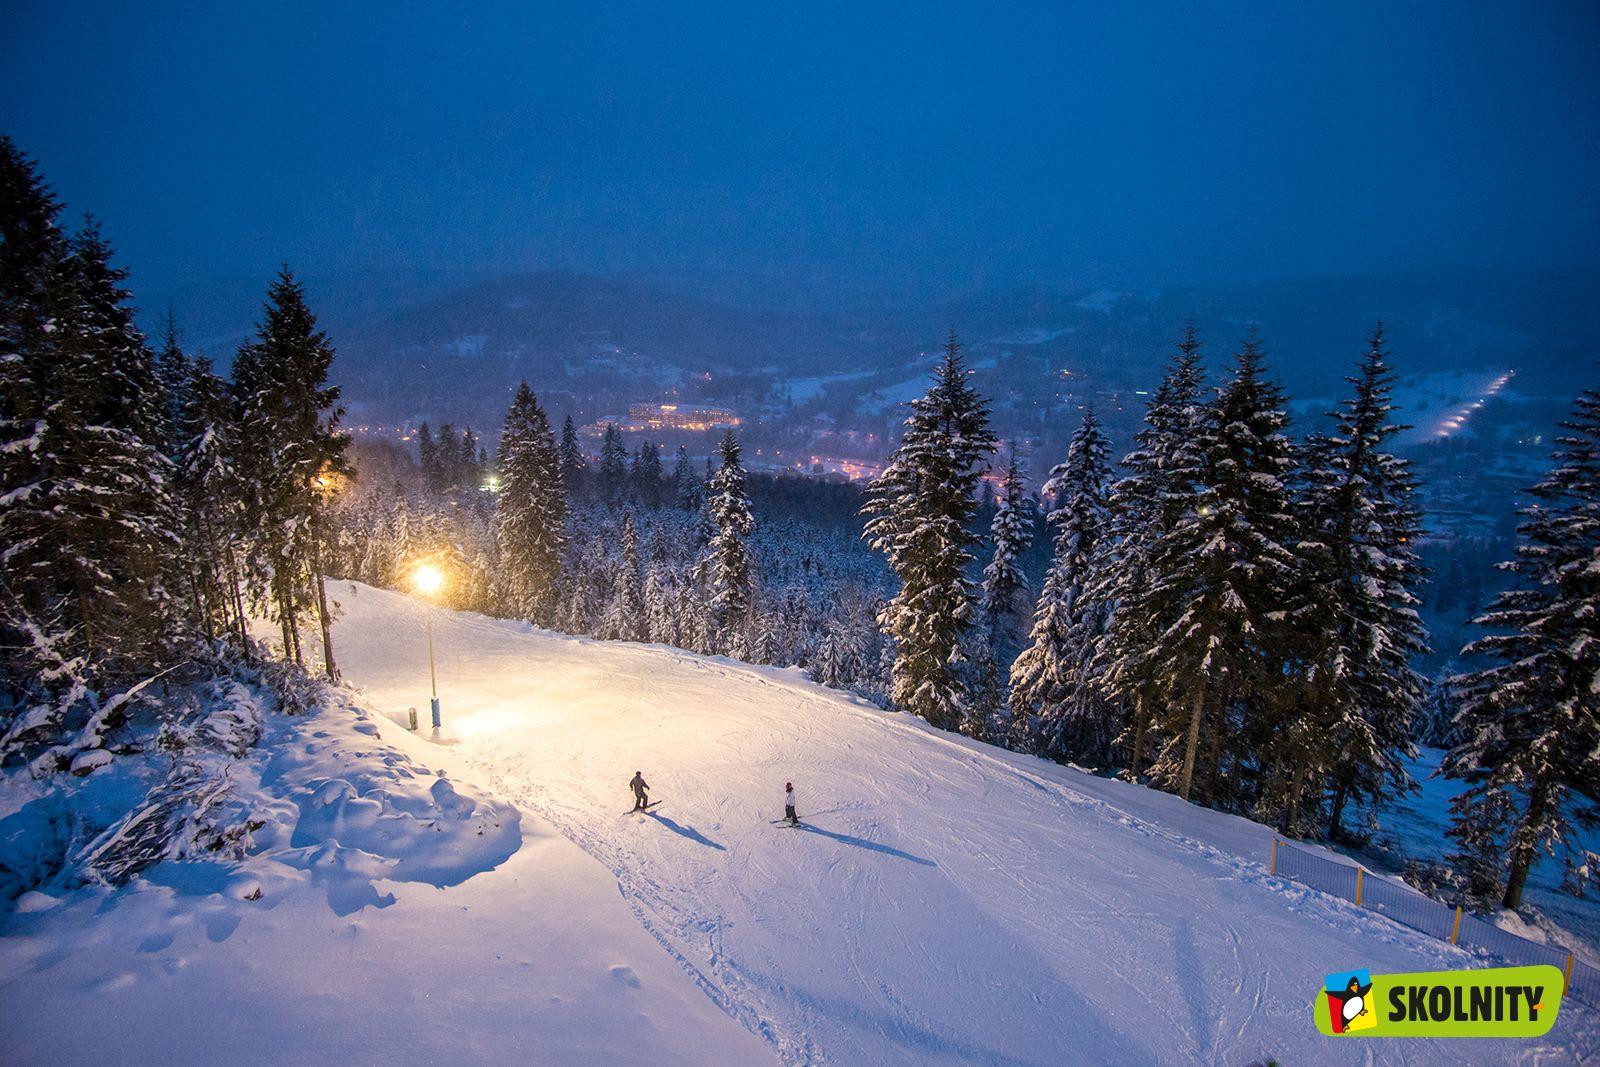 W sobotę rusza sezon narciarski w ośrodku Skolnity w Wiśle